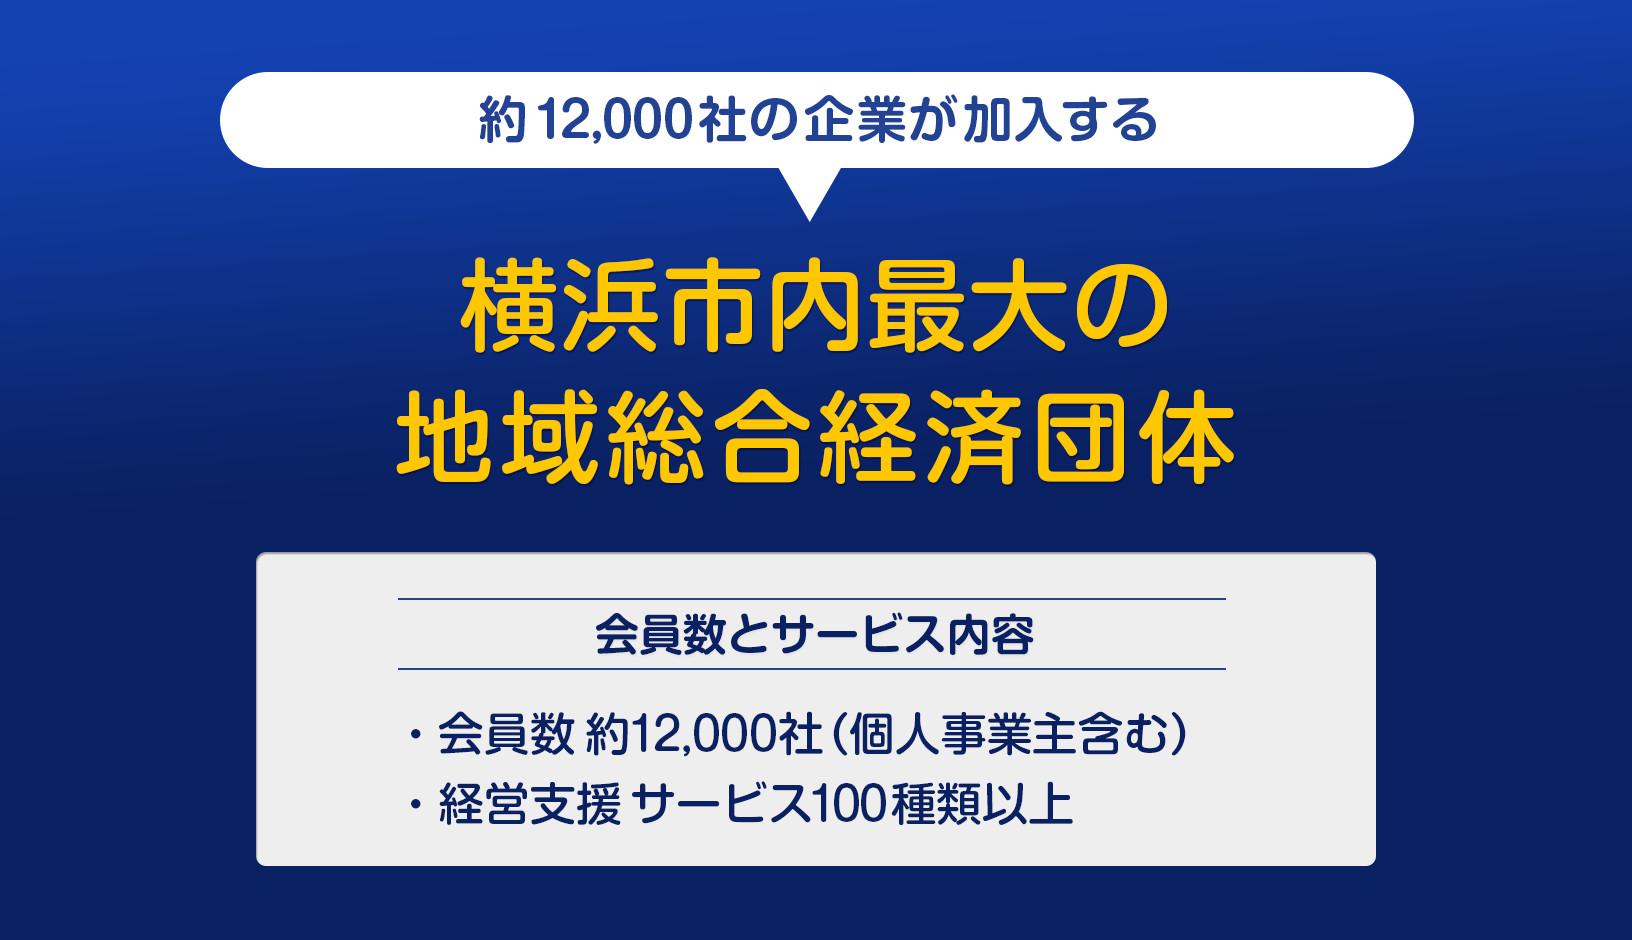 横浜商工会議所とは